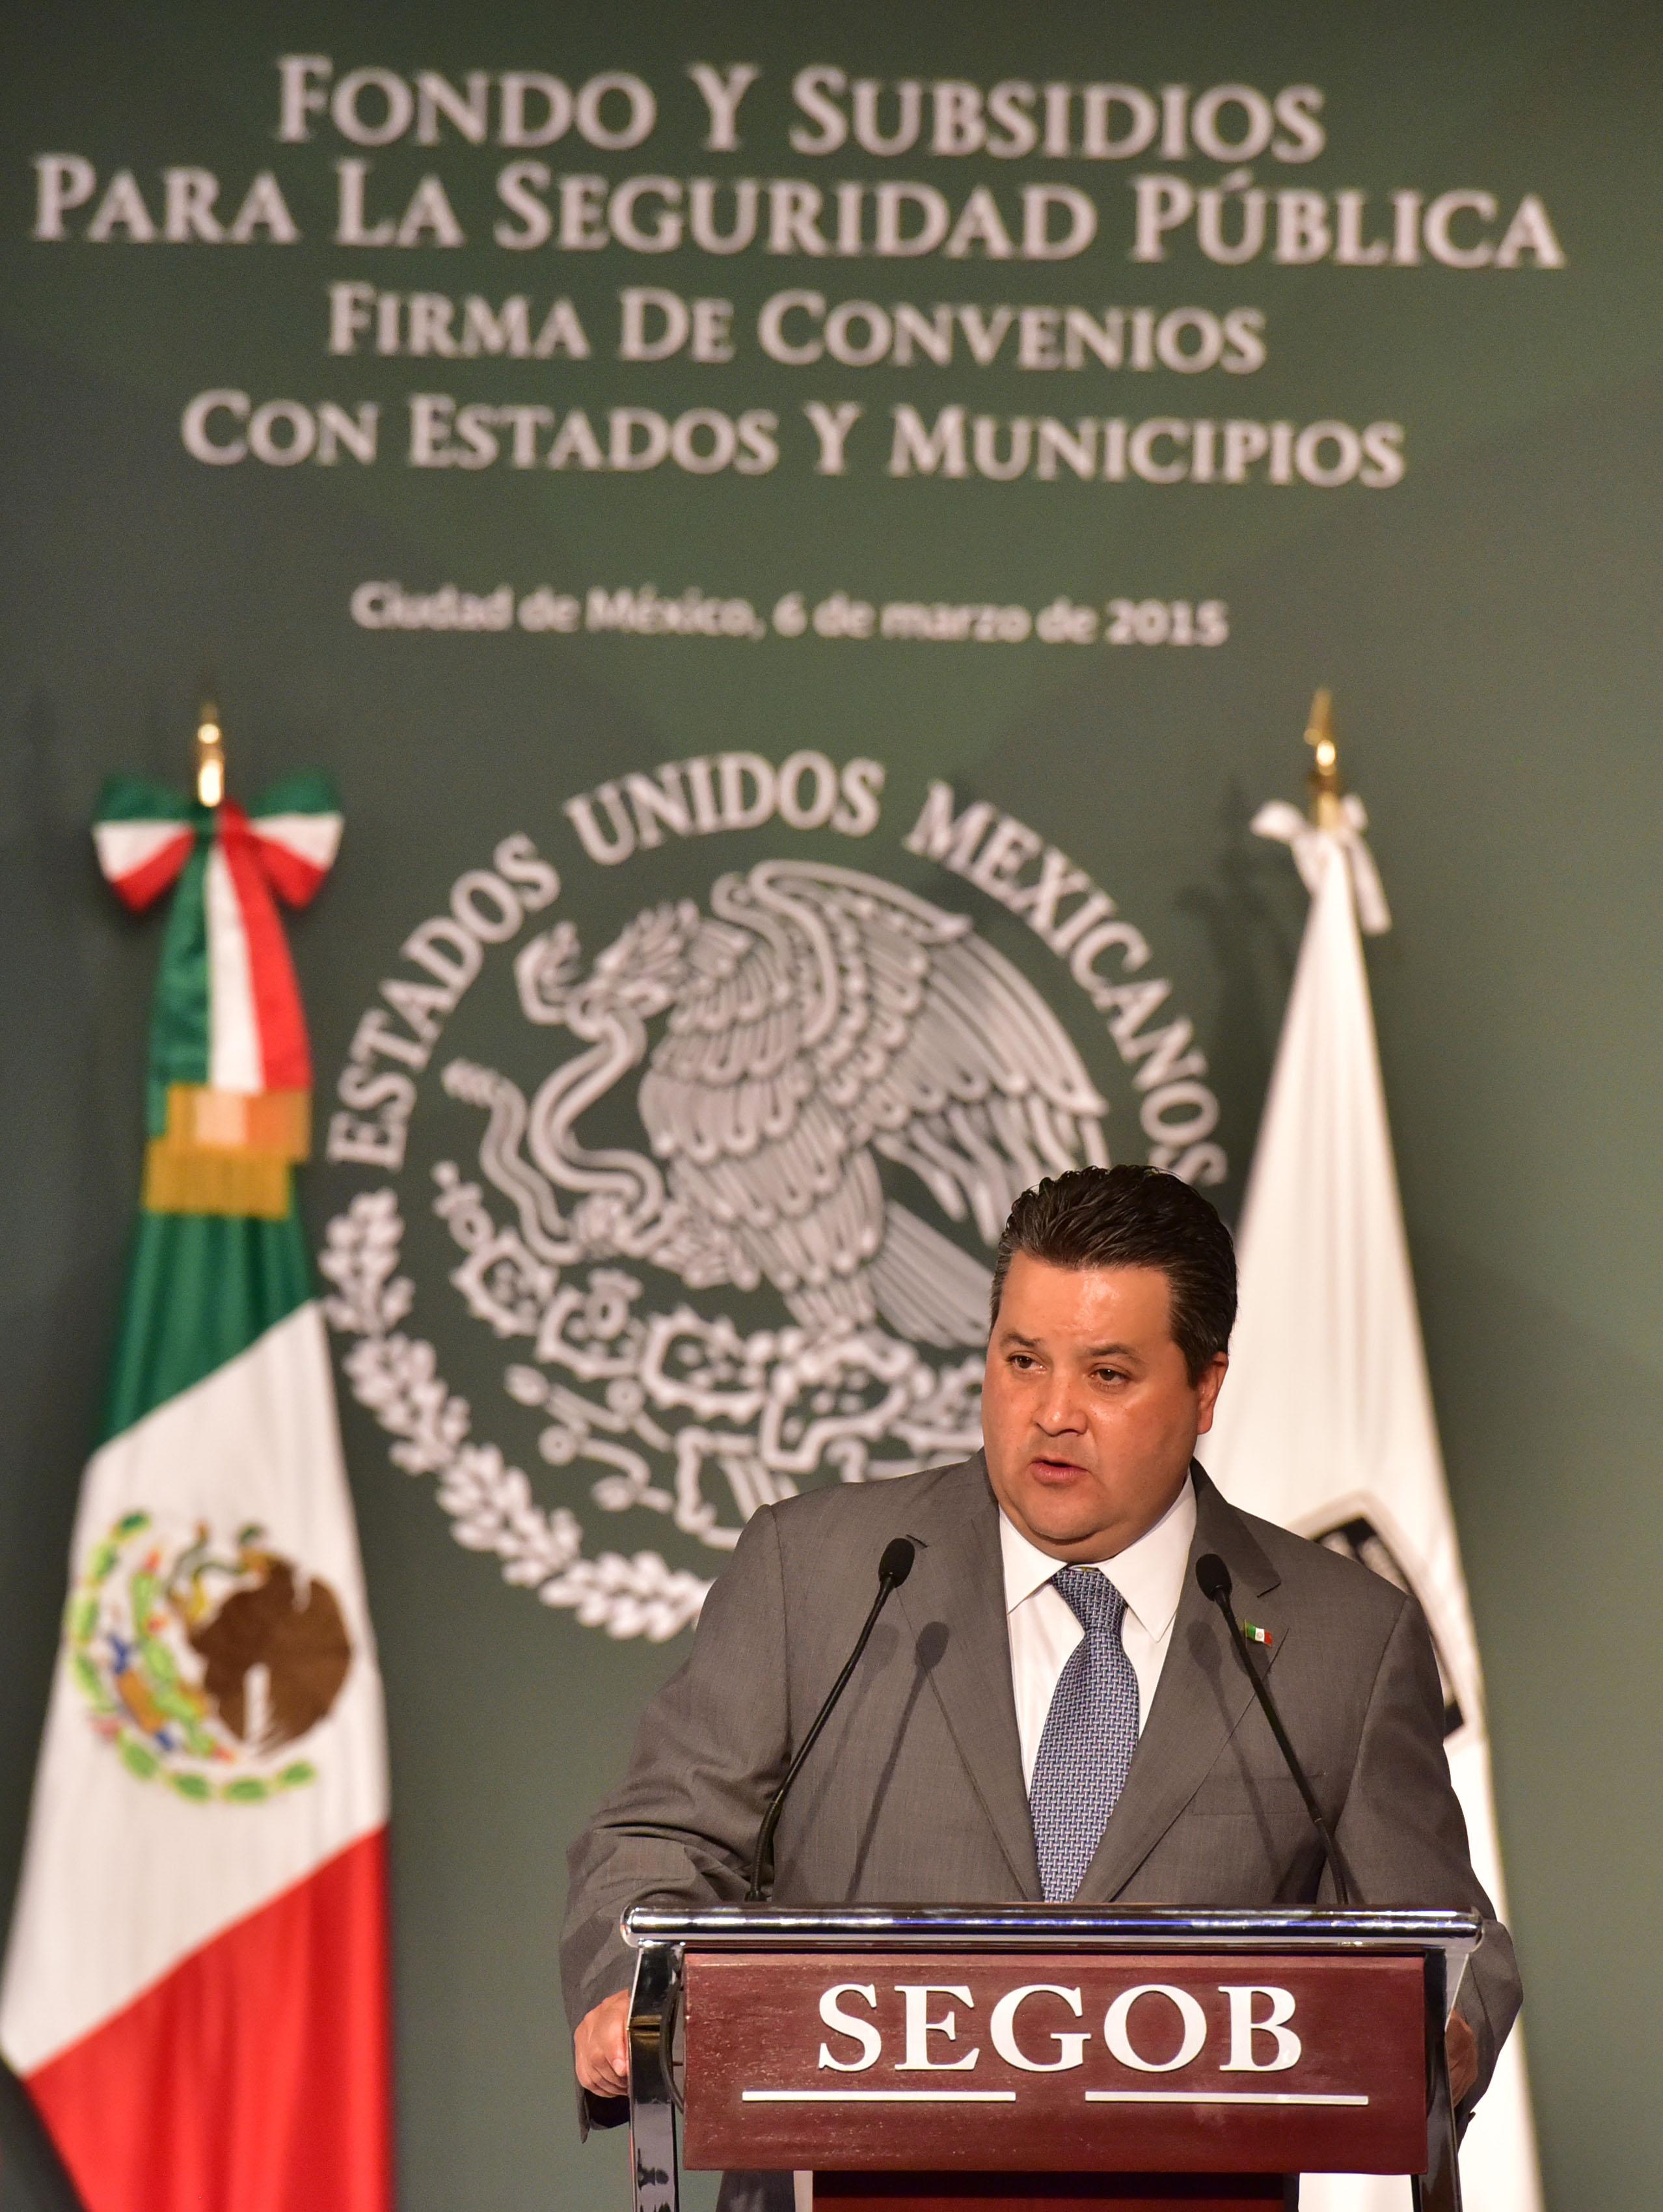 El Oficial Mayor de la Secretaría de Gobernación, Jorge Francisco Márquez Fuentes, durante su mensaje en el Firma de Convenio con Estados y Municipios Beneficiarios del Fondo y Subsidios de Apoyo a la Seguridad Pública